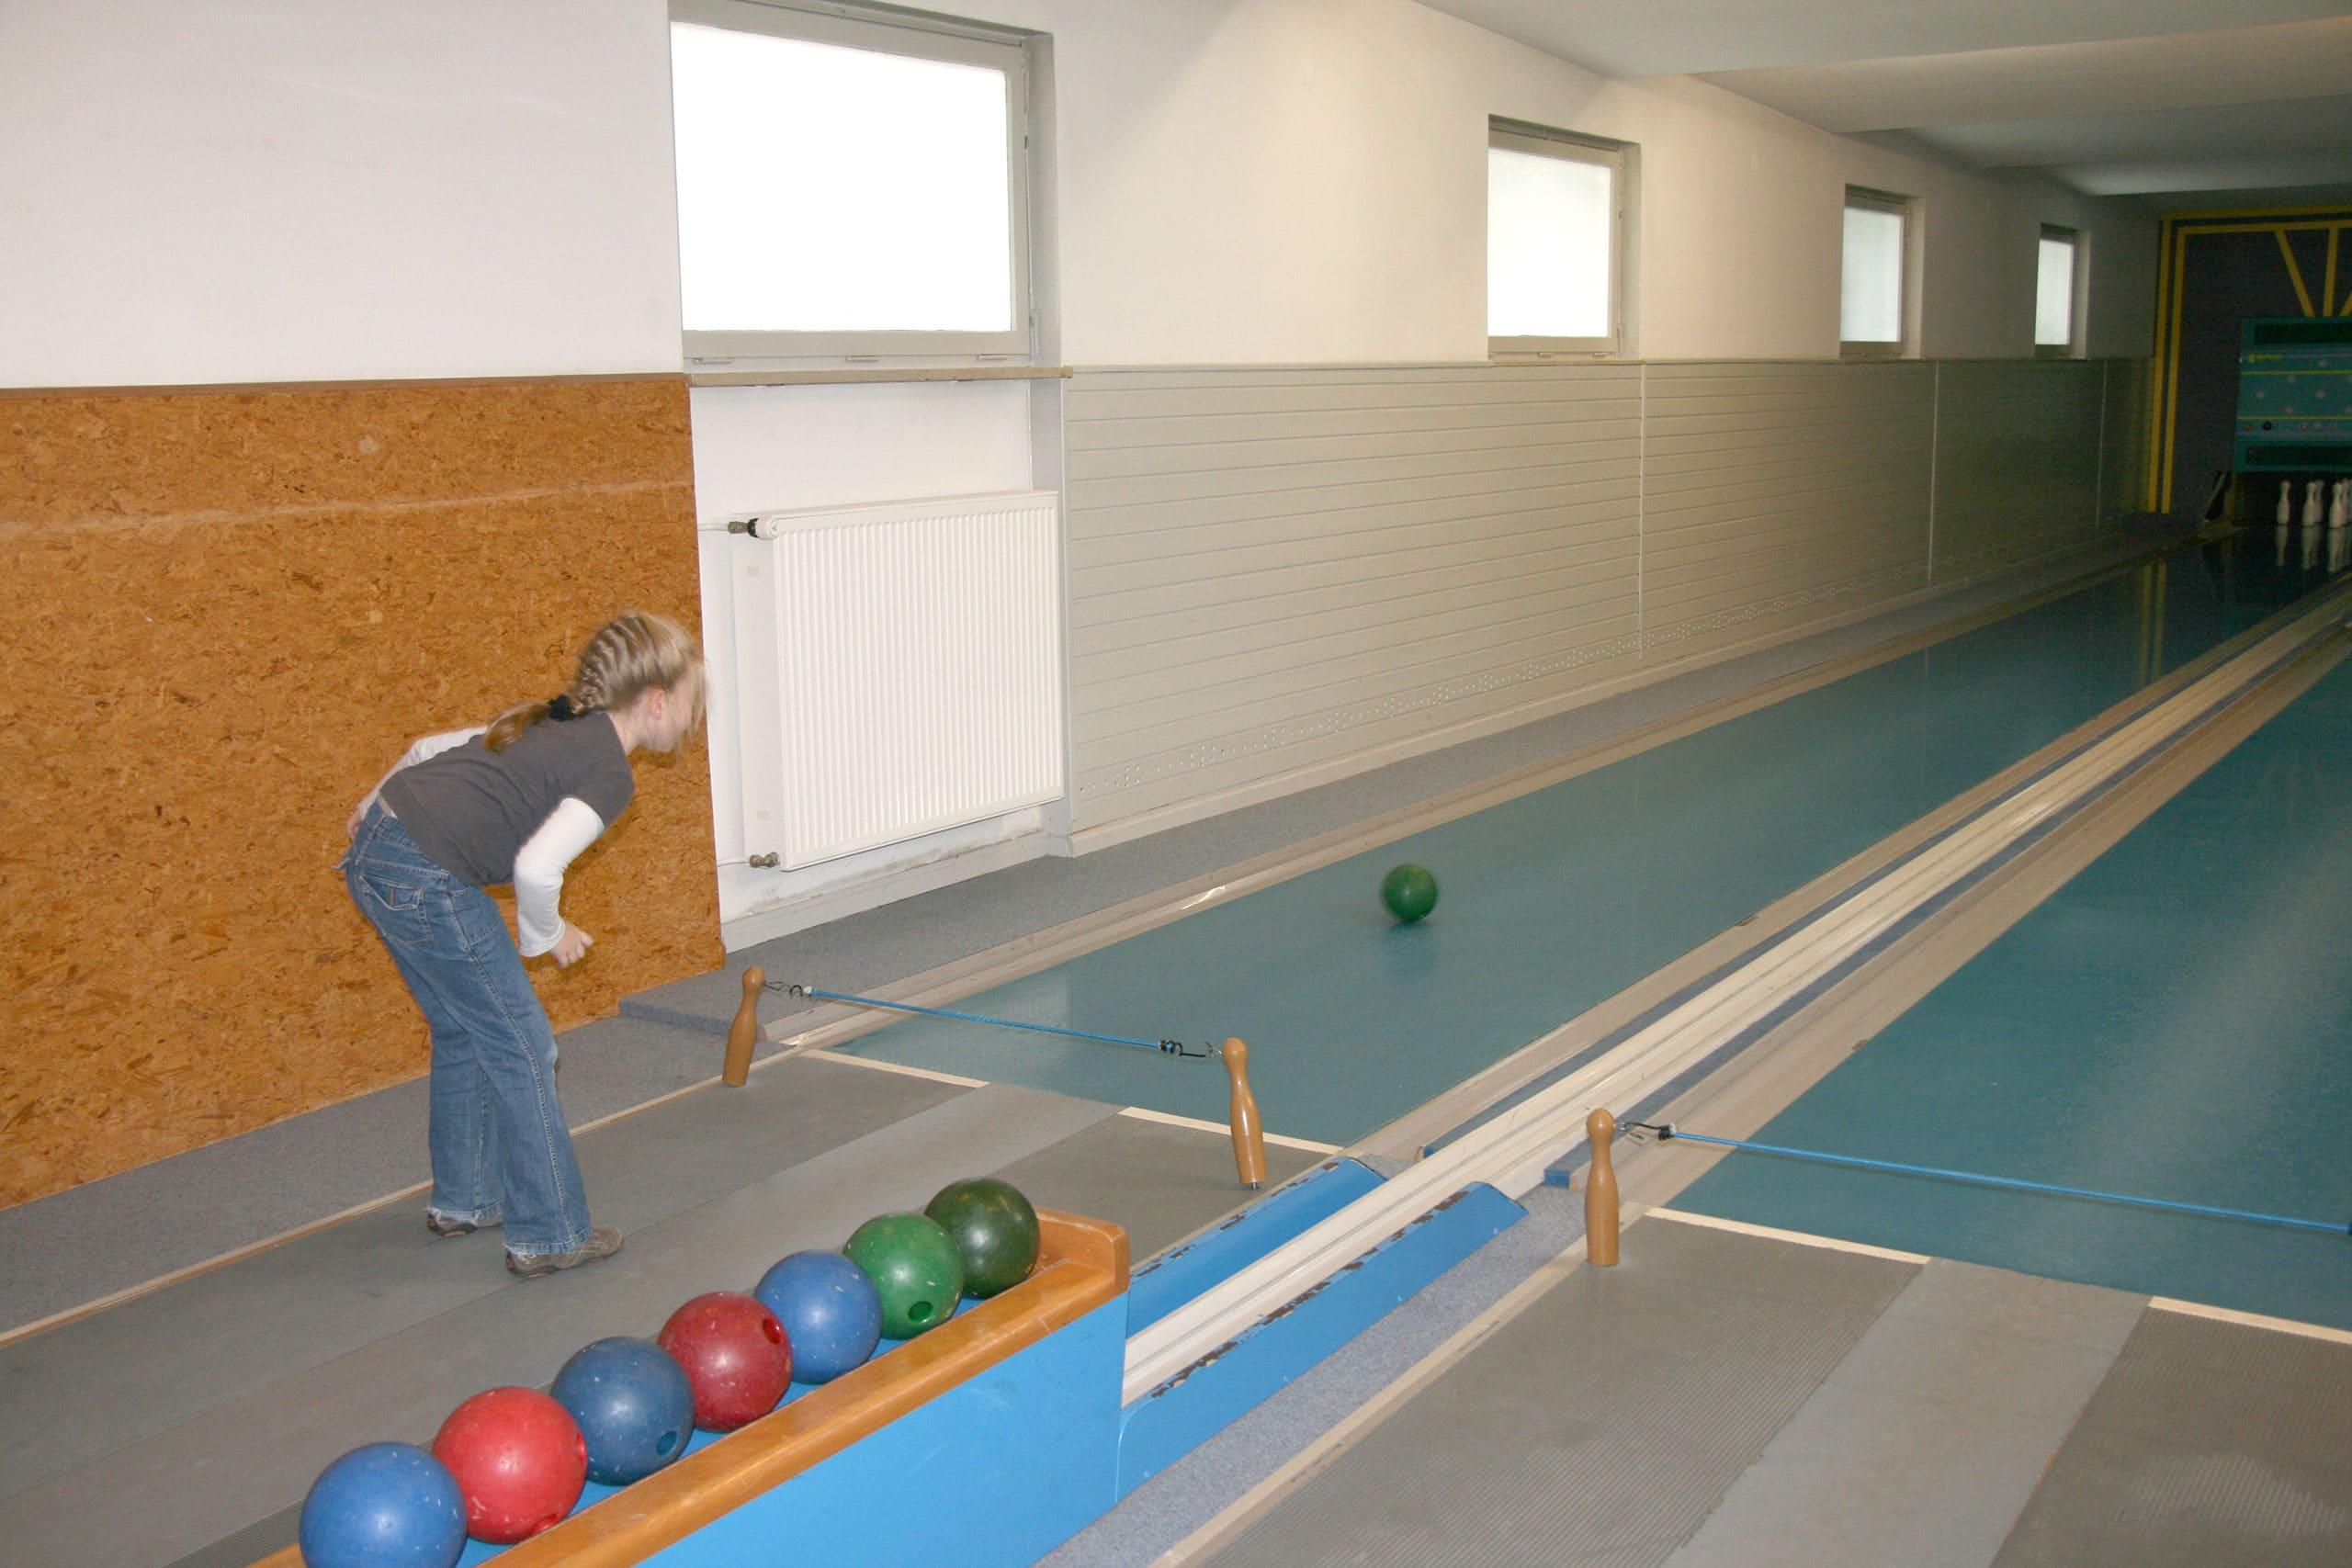 Kegelbahn Bowlingbahn